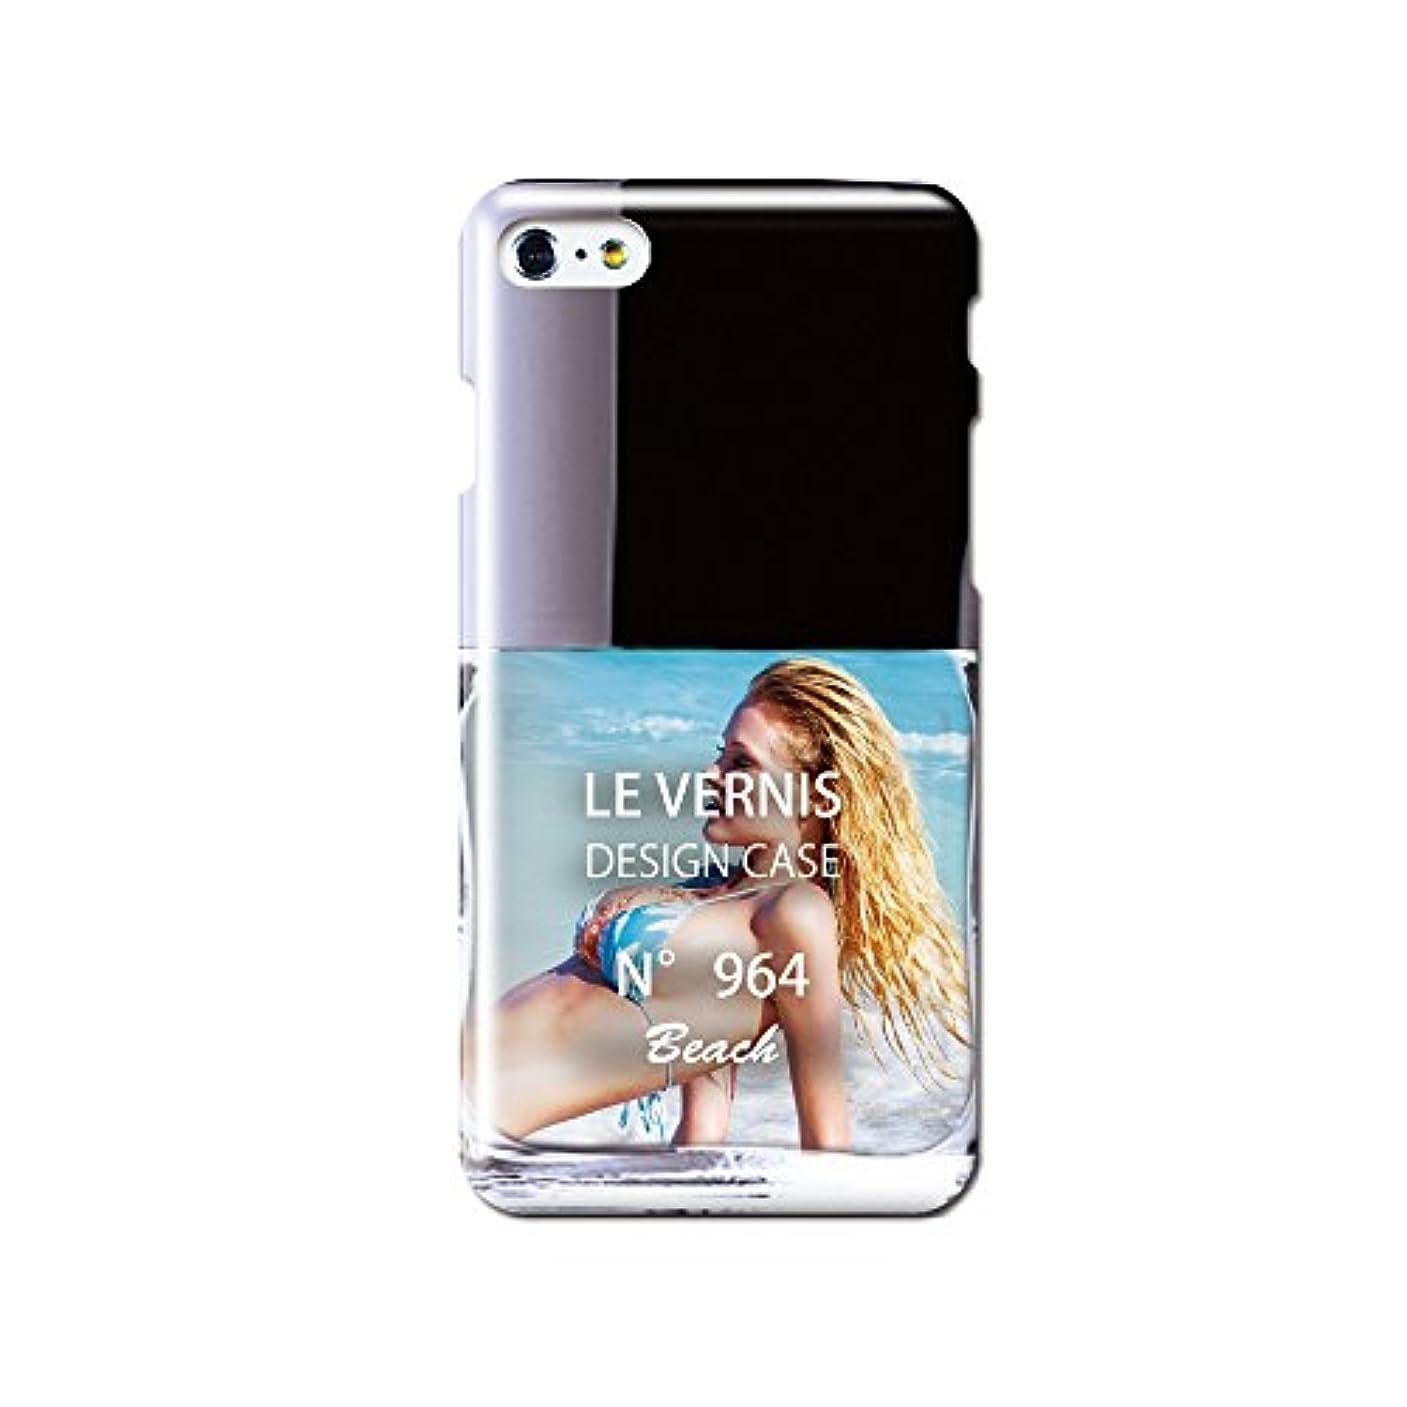 フラッシュのように素早く人質契約するiPhone SE iPhoneSE 2016 第一世代 マニキュア 海 マリン hd001-00145-04 ハードケース スマホケース カバー ケース